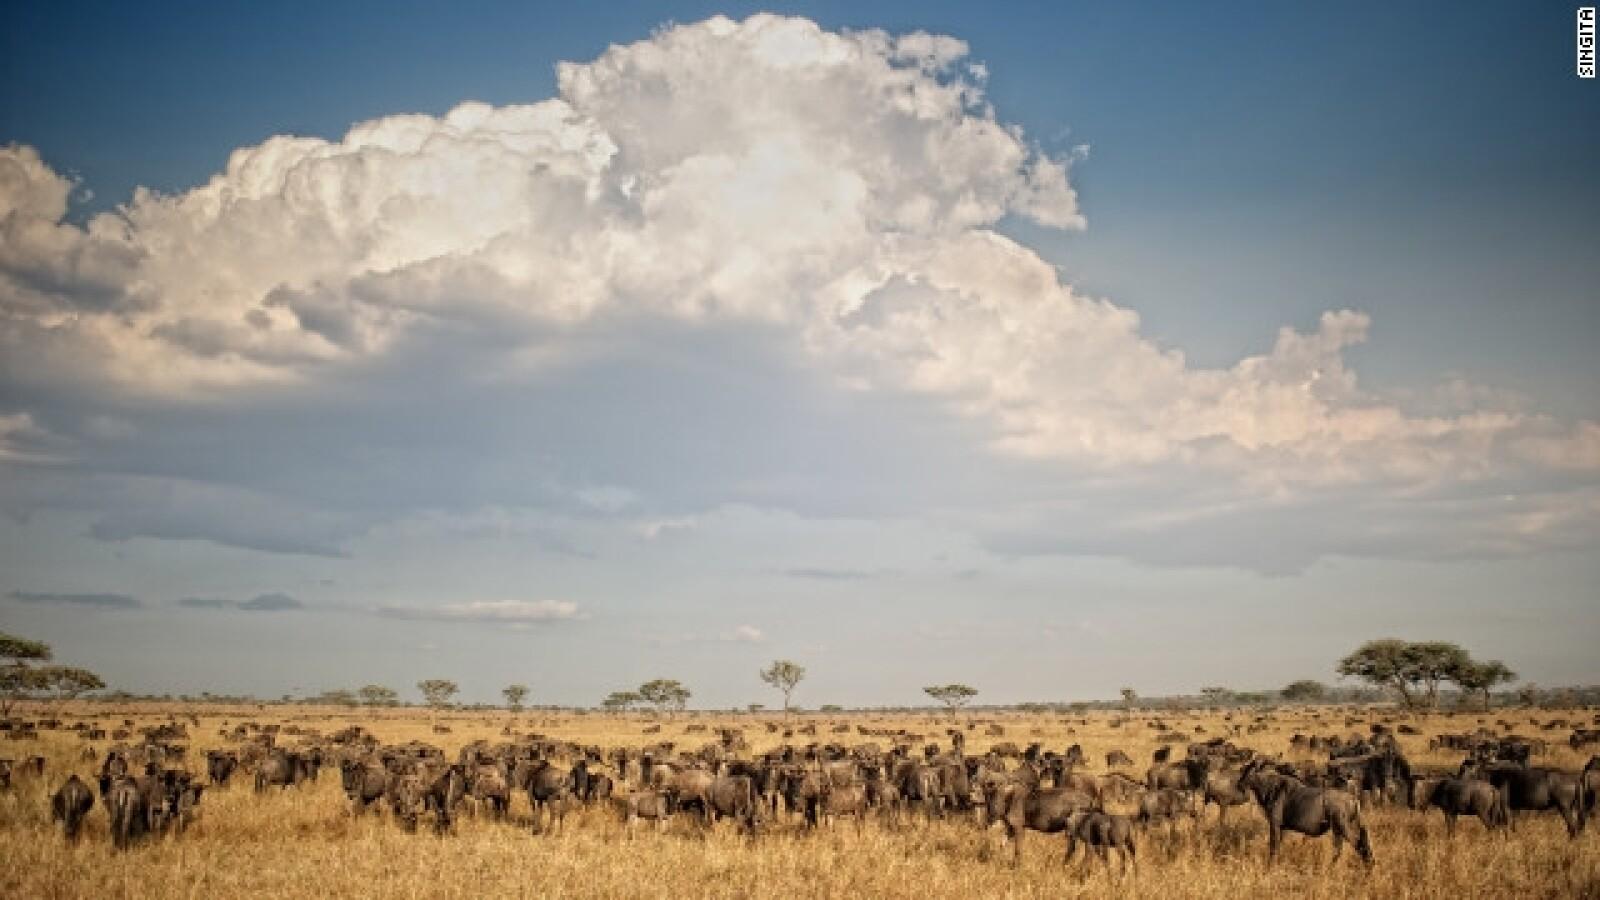 gran migración africa oriental